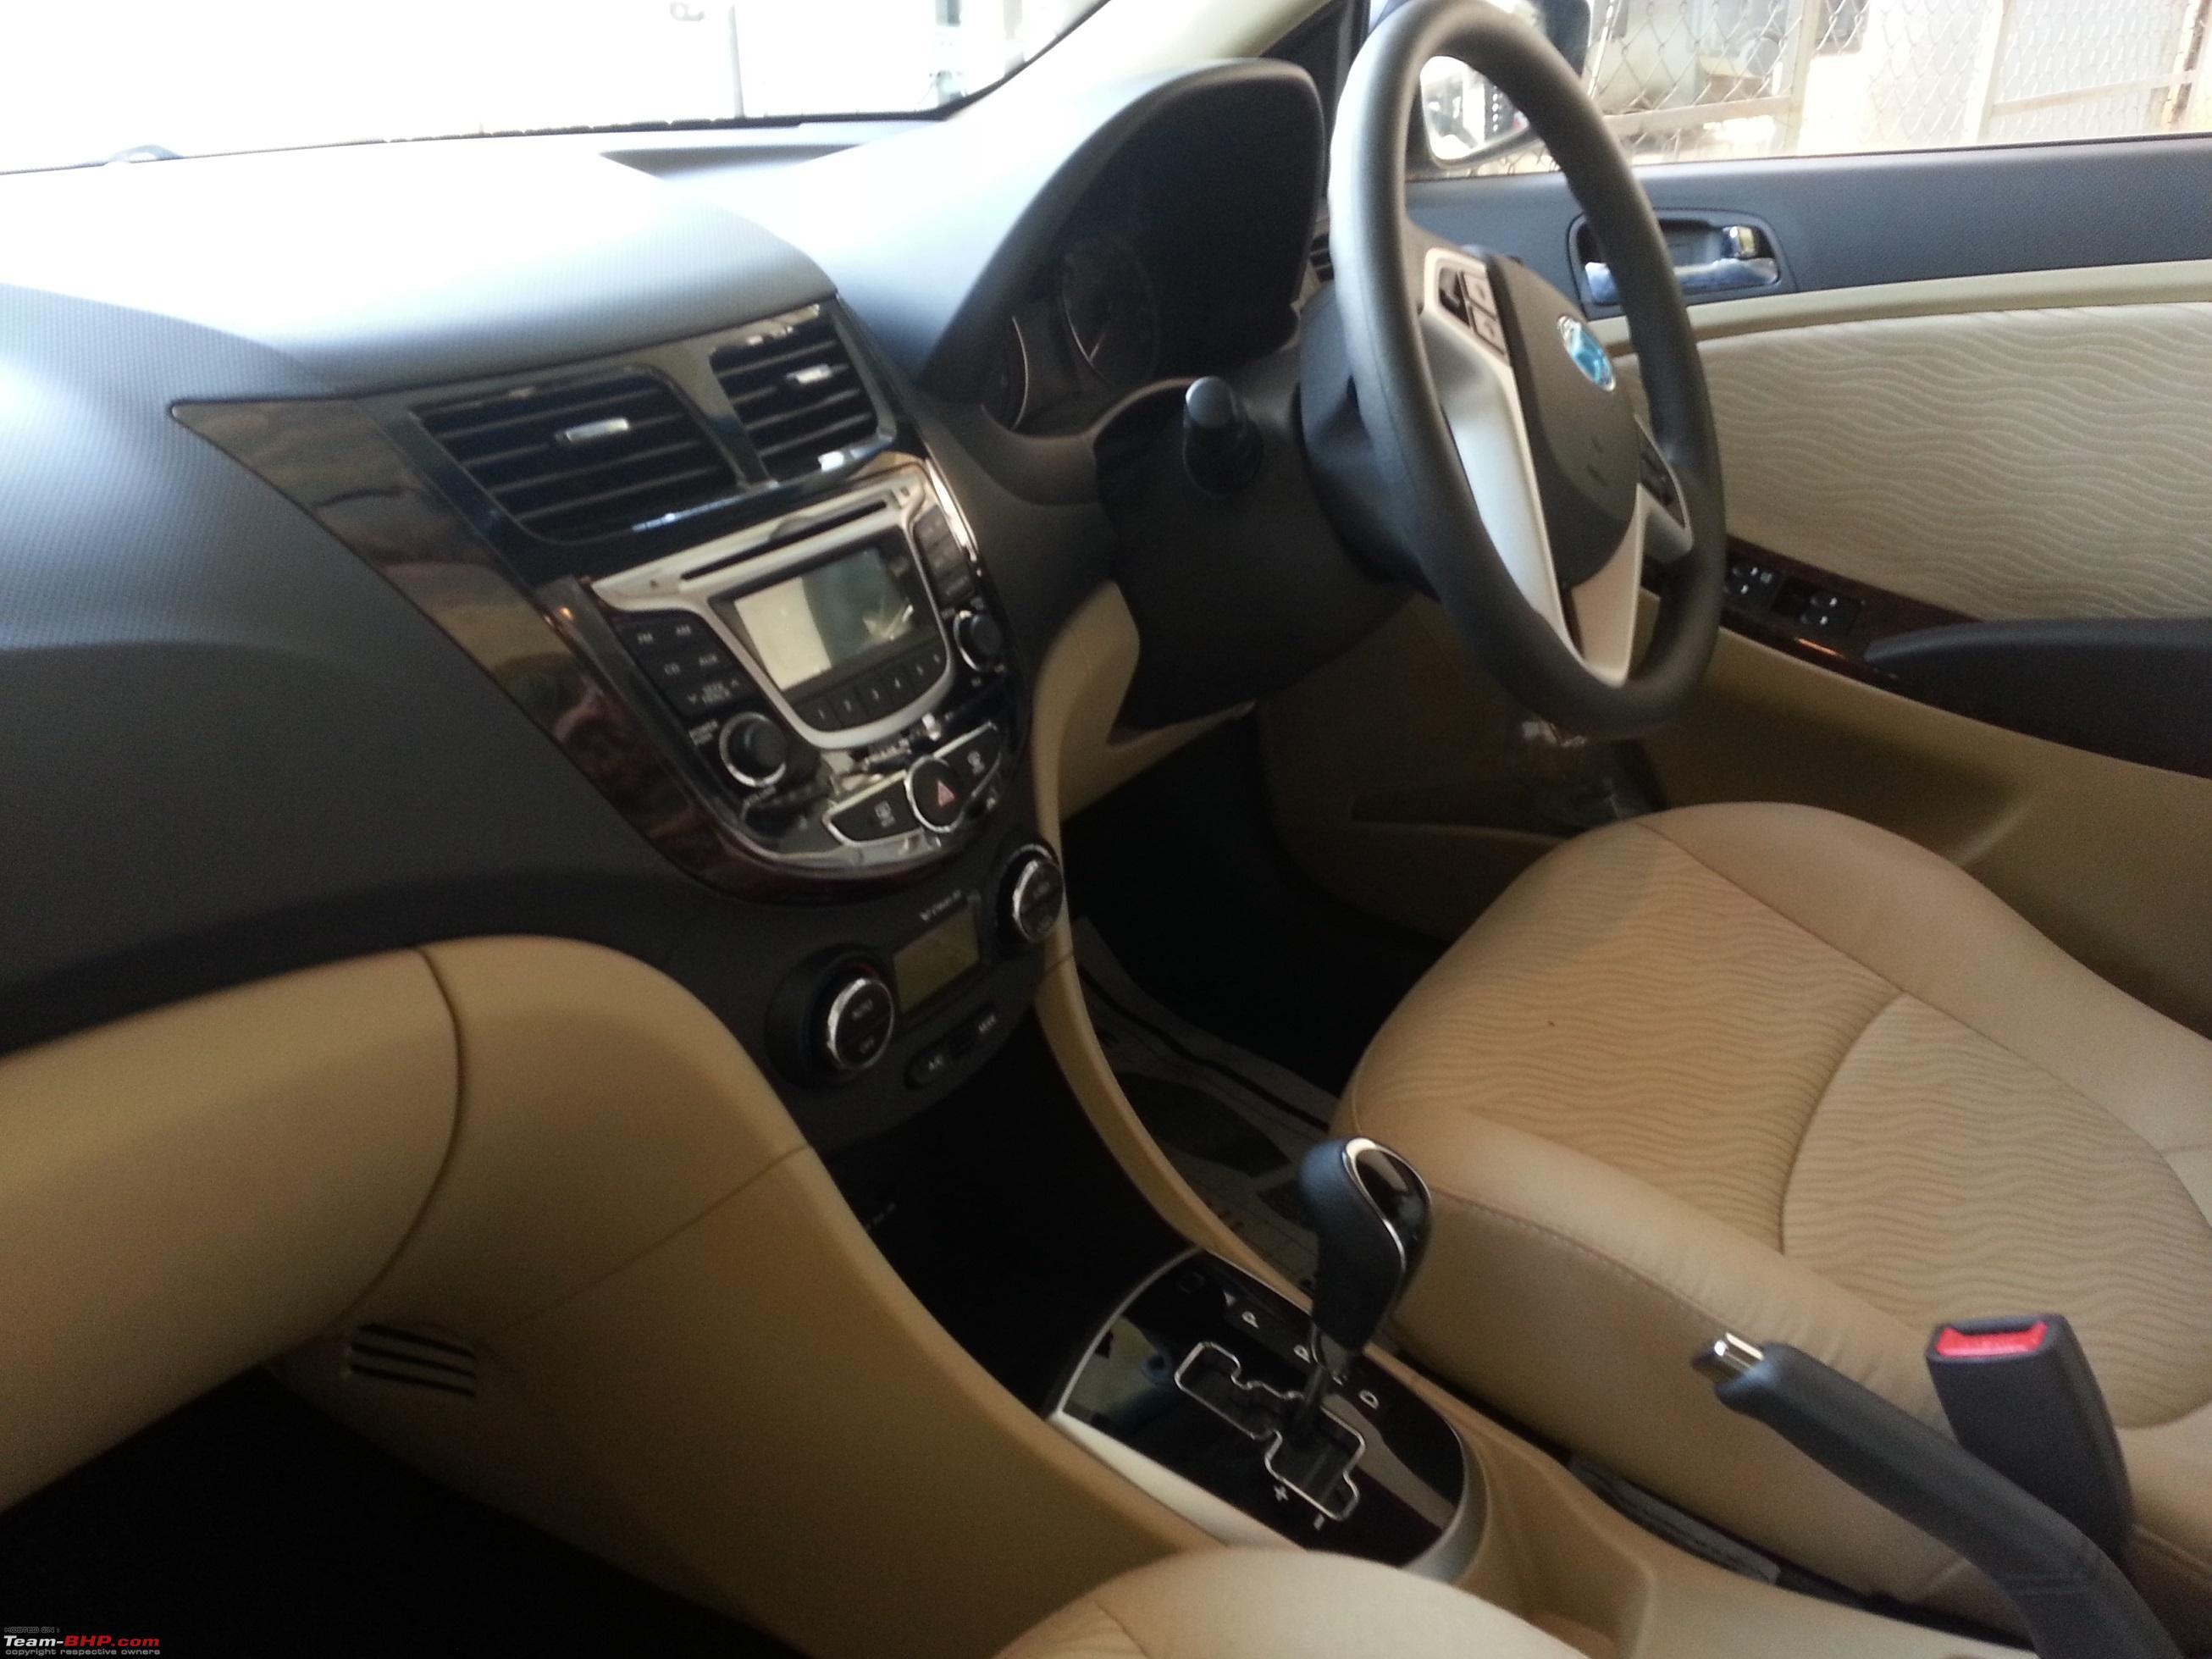 Car Seat Disposal >> My new ride arrives - 2014 Hyundai Verna Fluidic 1.6 CRDi ...